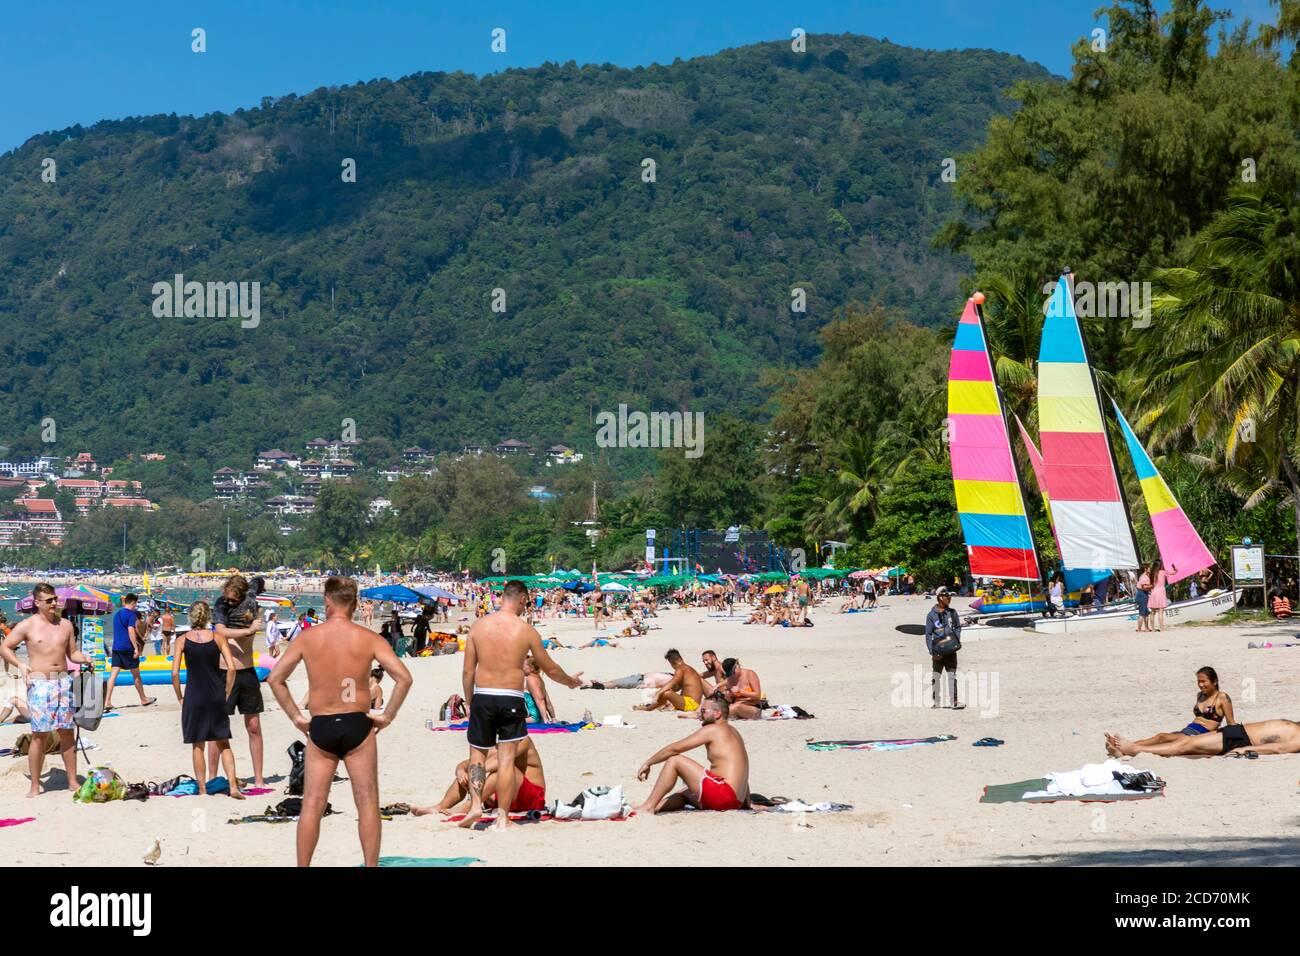 Turistas en la playa de Patong, Phuket, Tailandia Foto de stock